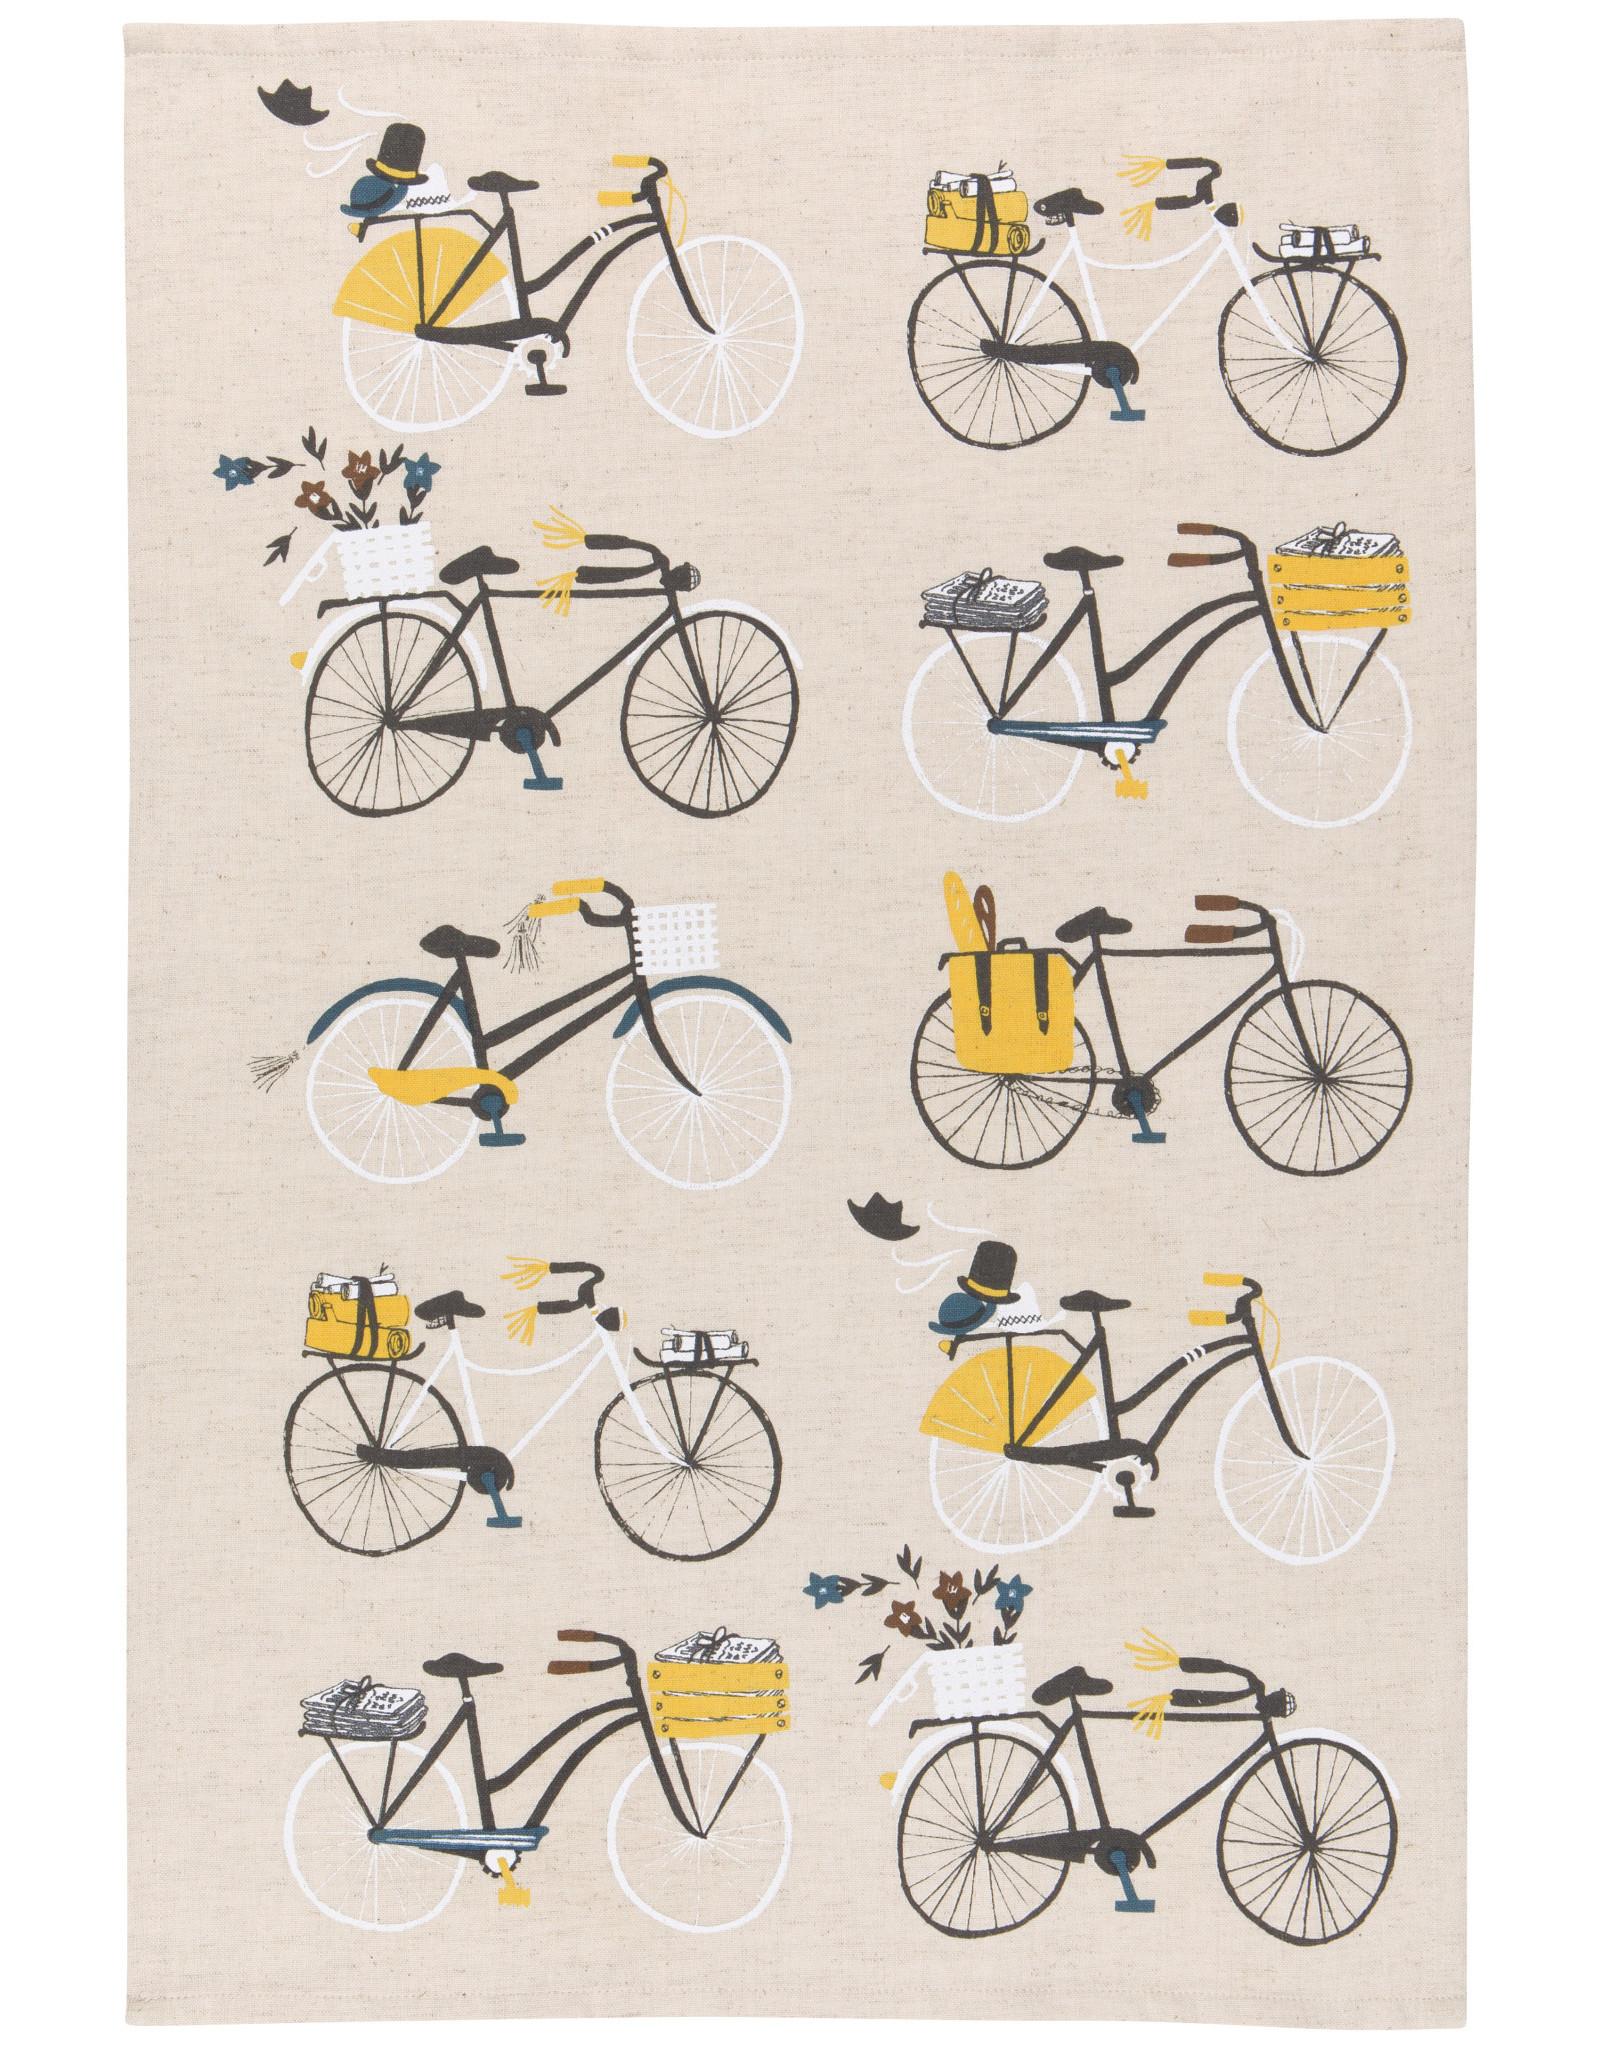 Danica Tea Towel - BicicleTea Towel -a - 2 pack